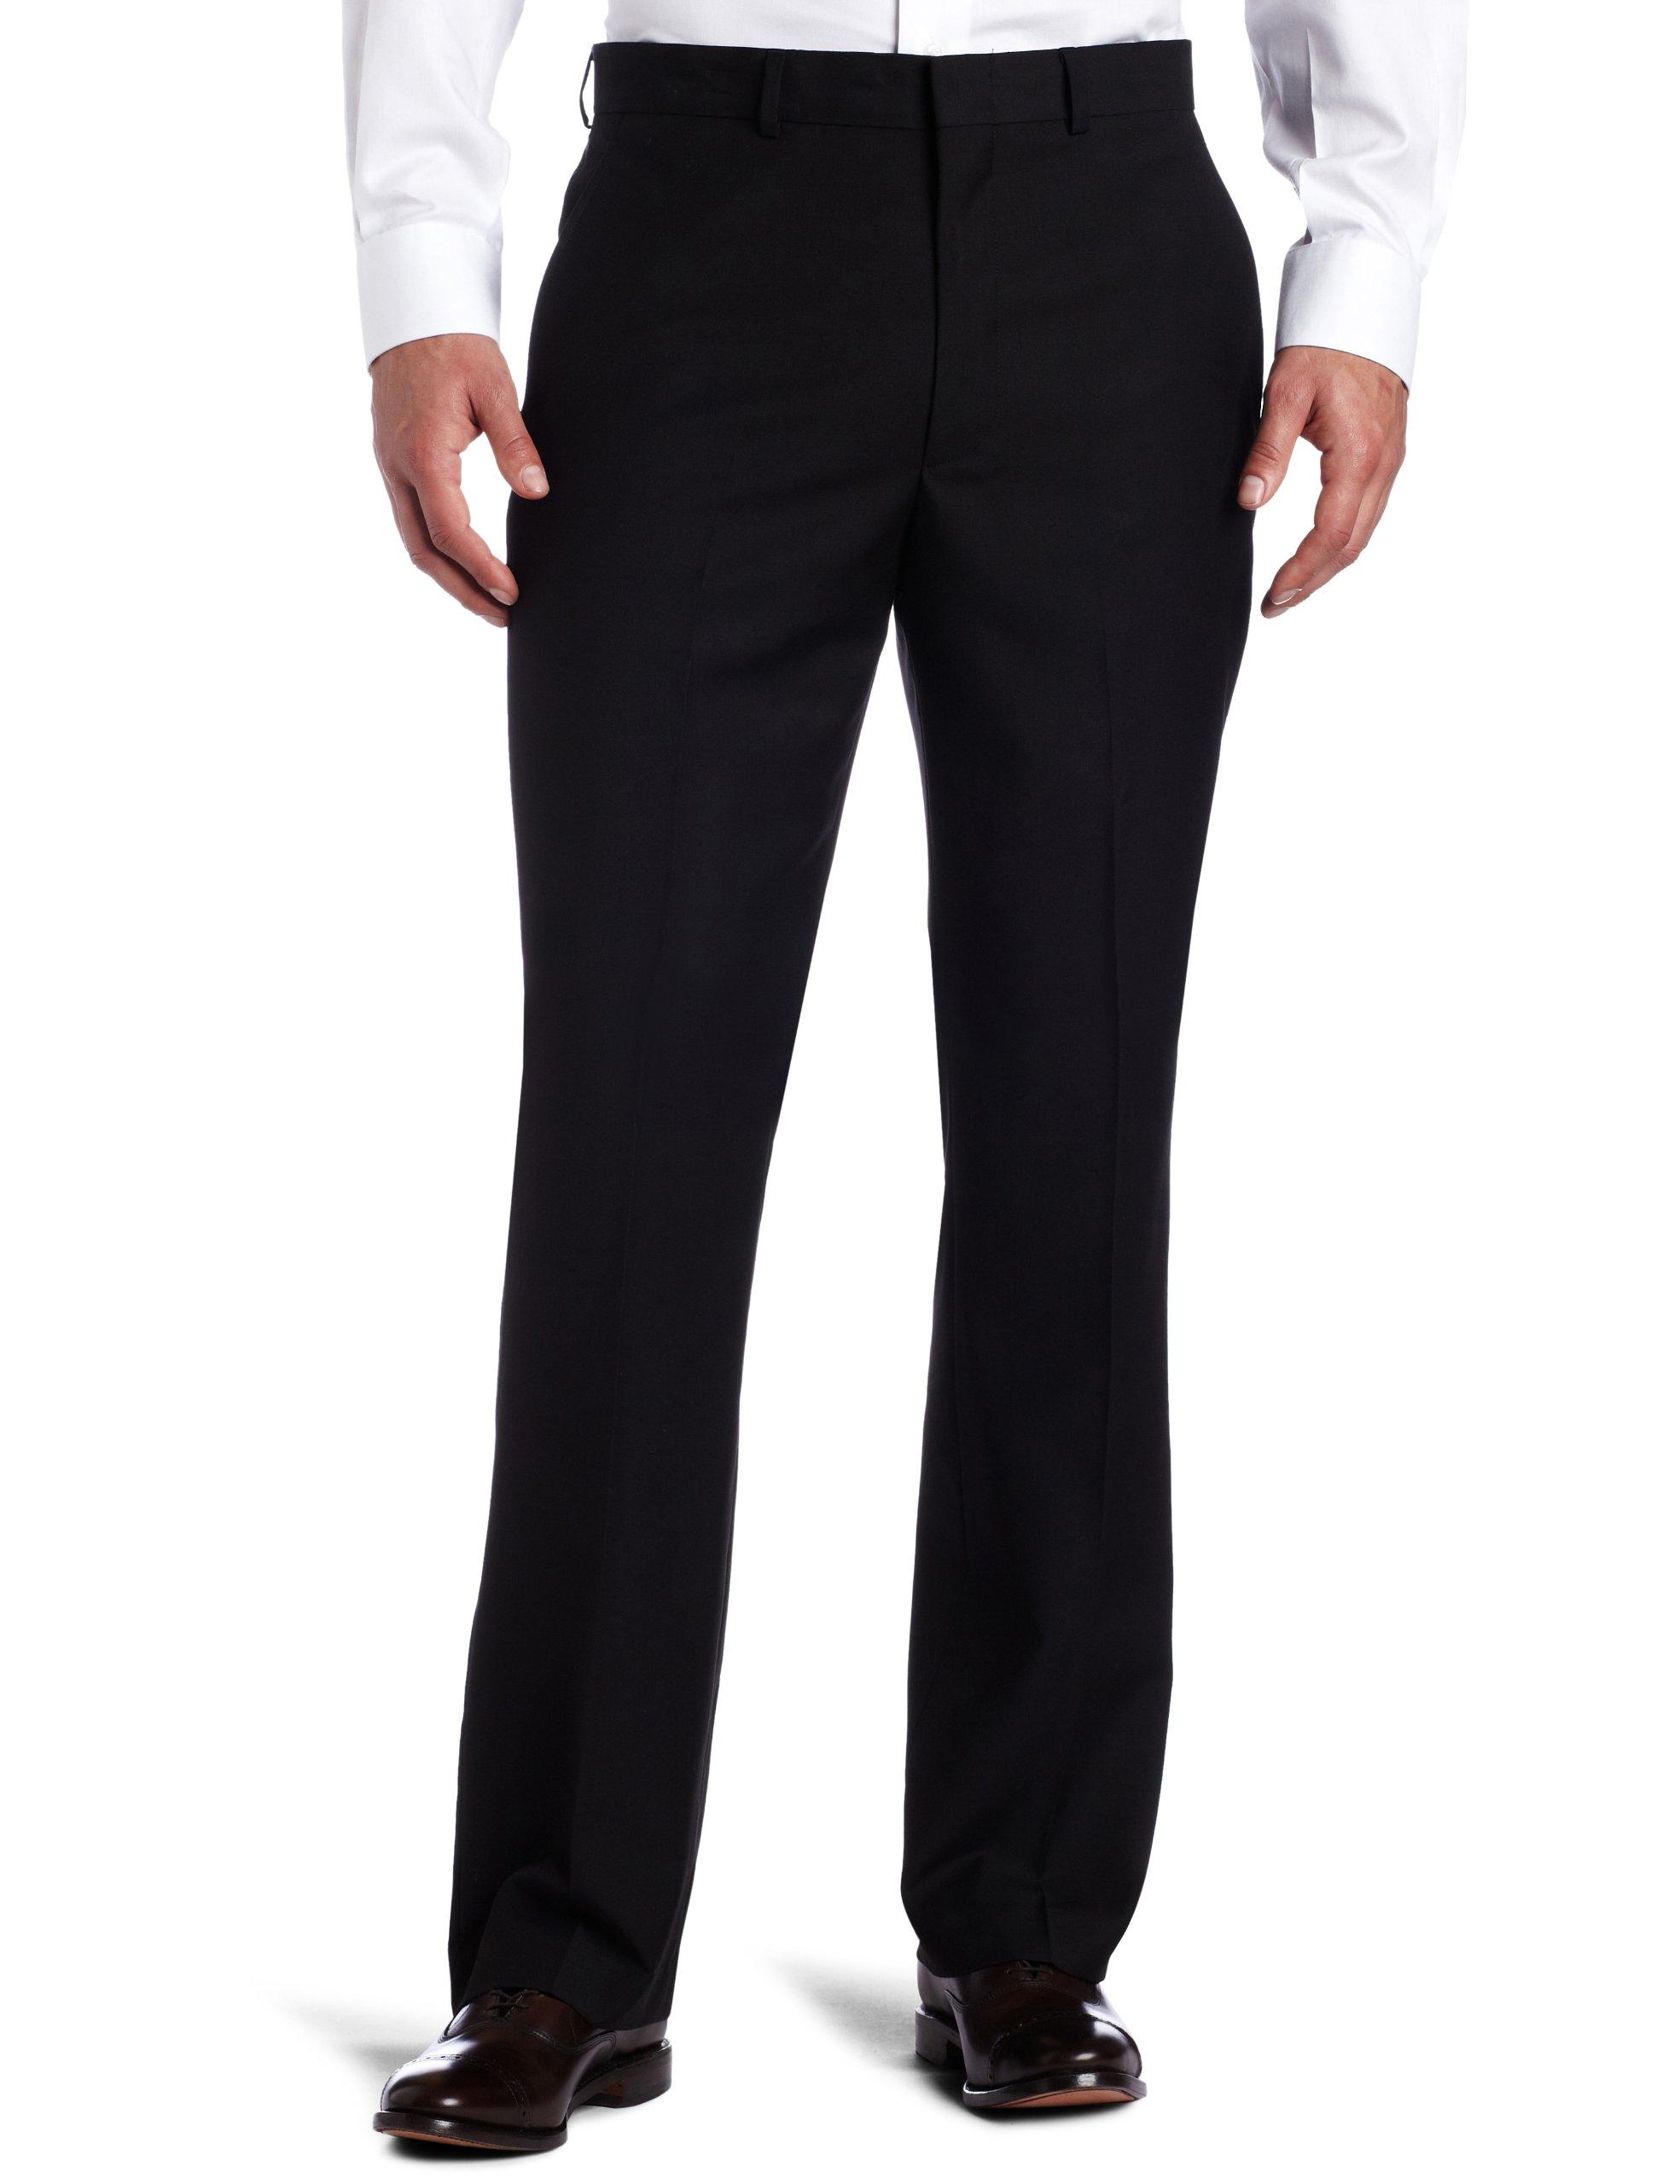 Kenneth Cole REACTION Men's Black Solid Suit Separate Pant, Black, 42x32